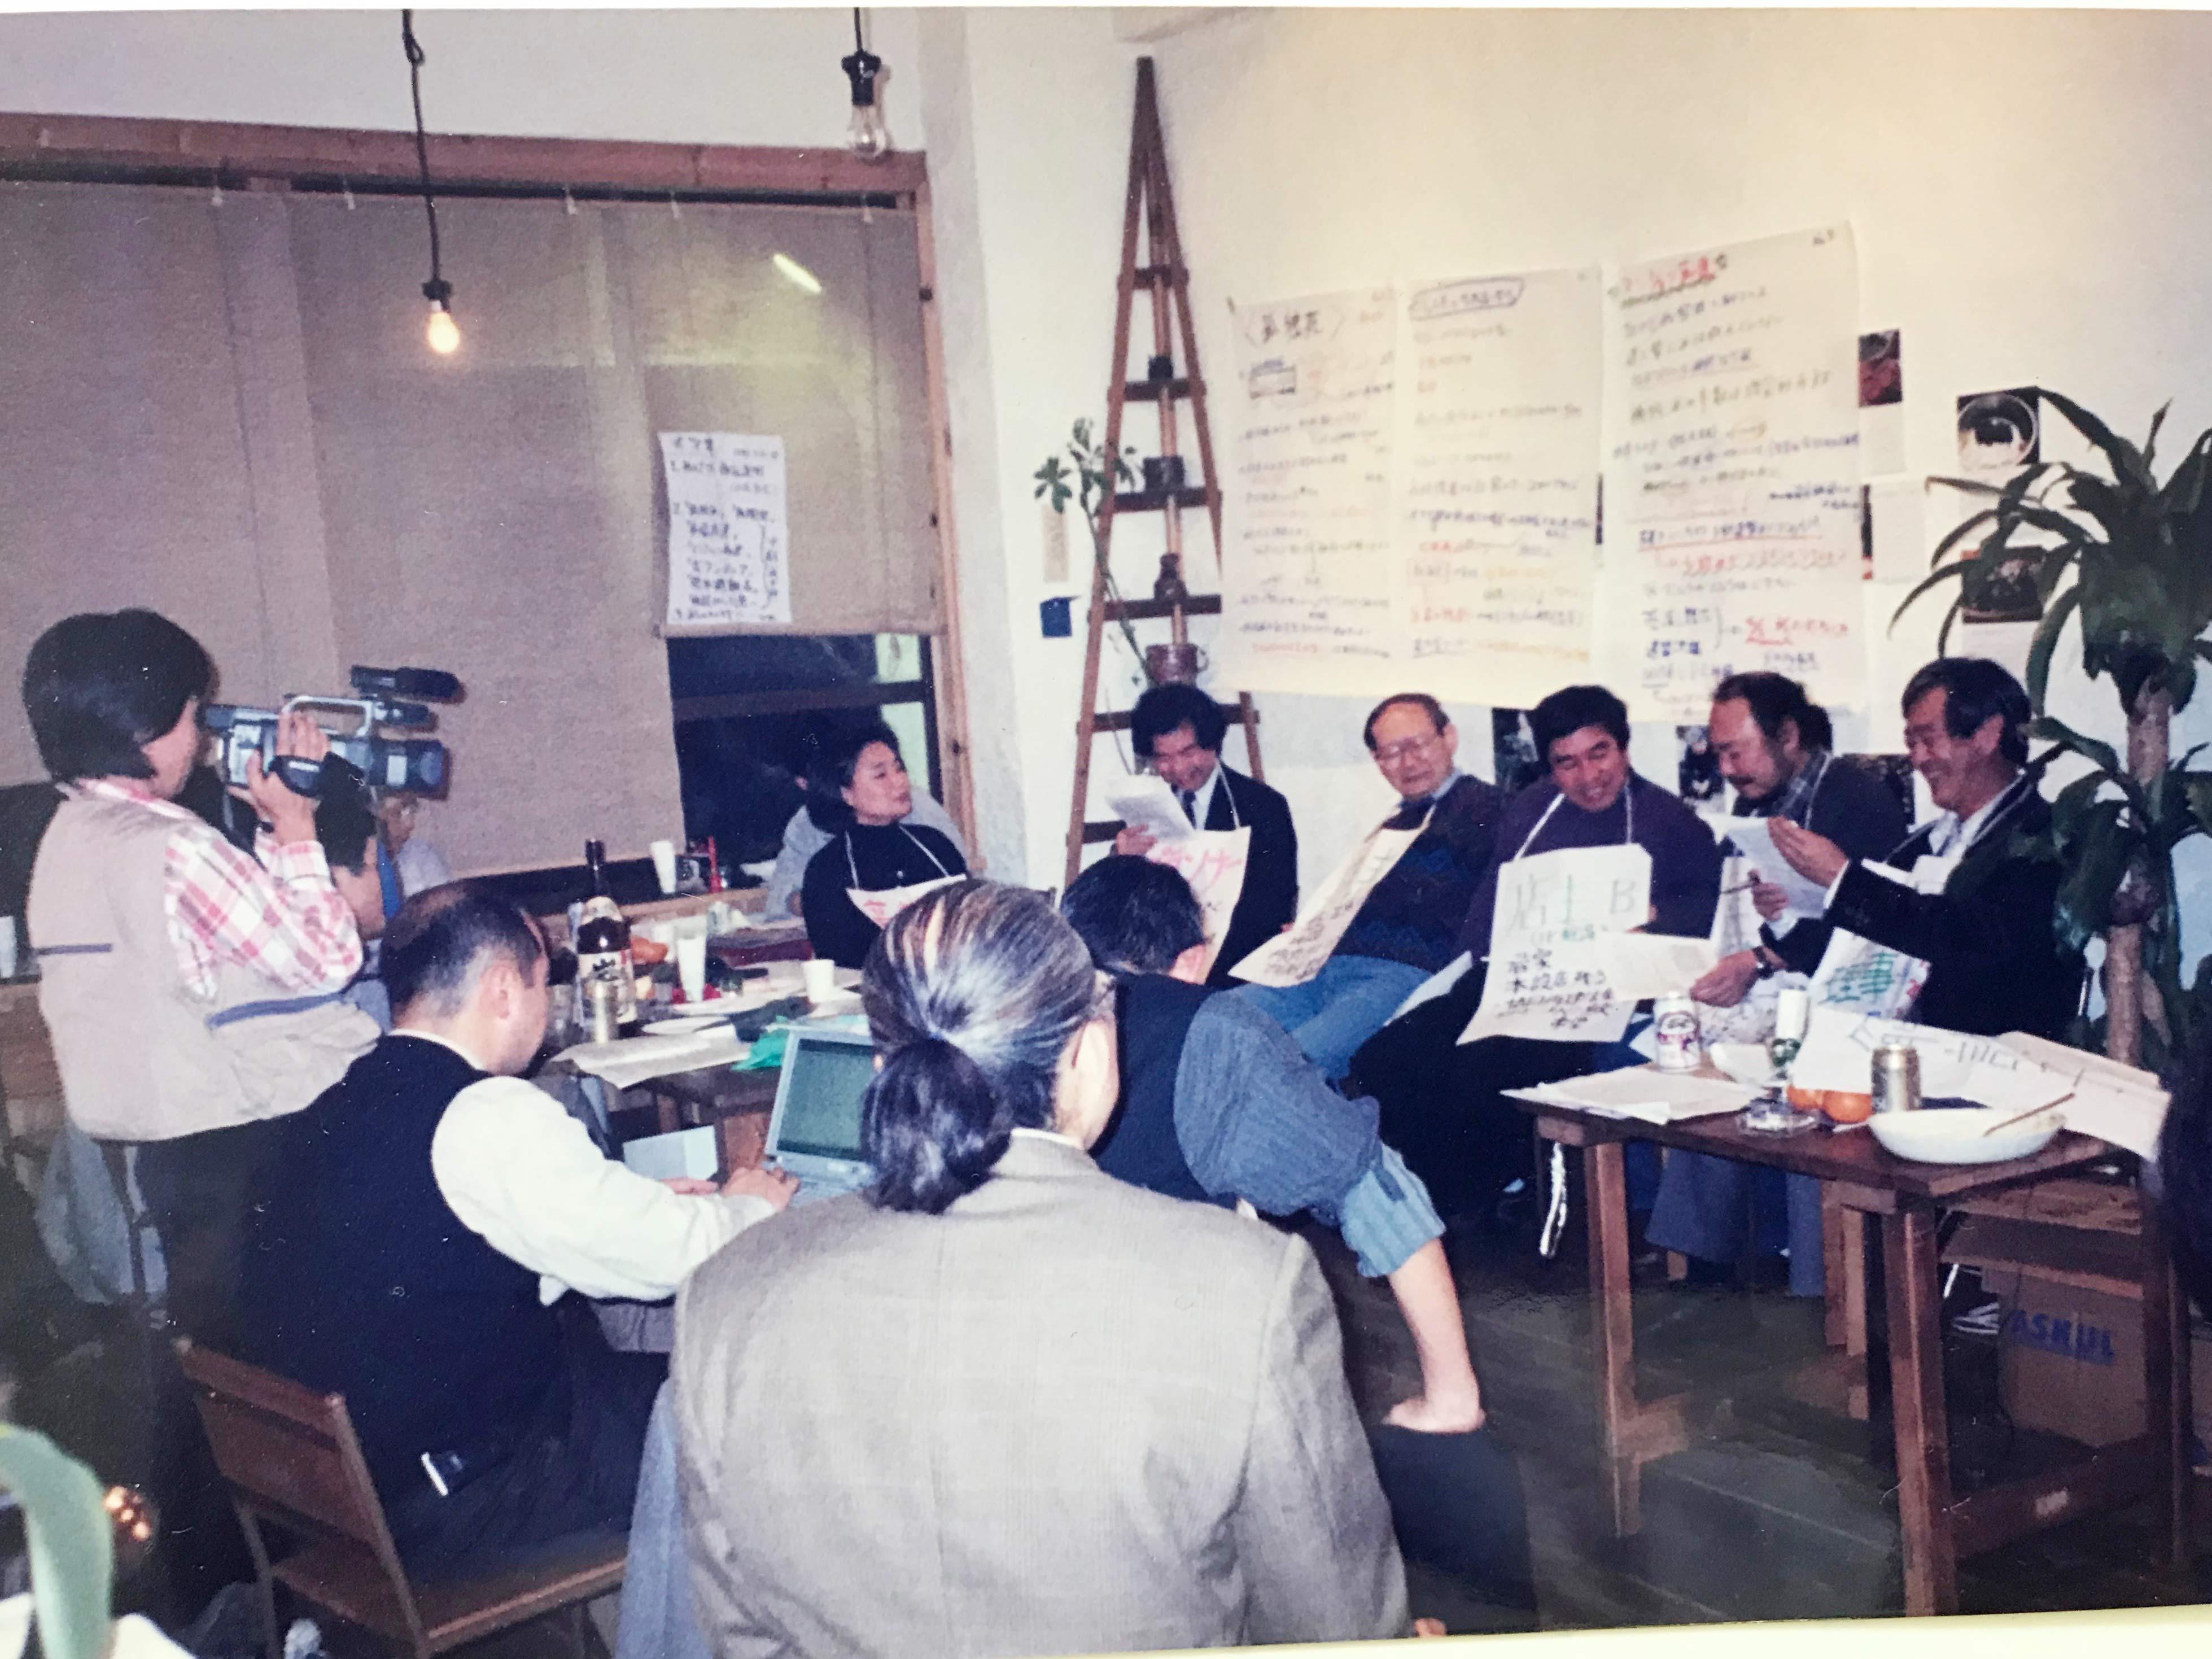 平成11年の「1月17日」の前夜に、兵庫区の喫茶店を借り切り、復興課題をテーマにロールプレイを交えて徹夜の議論を行った。